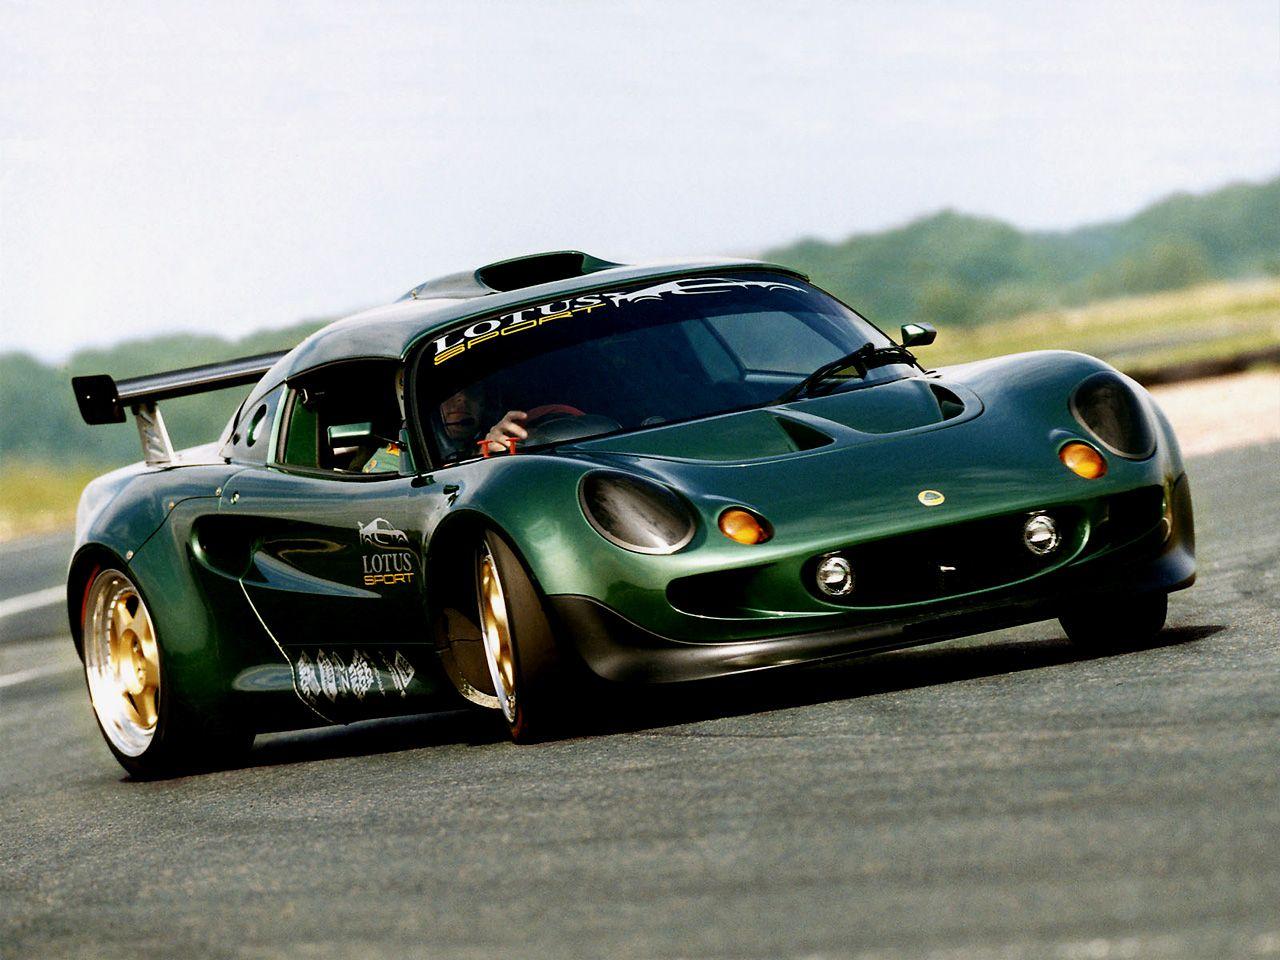 Lotus Elise Racing